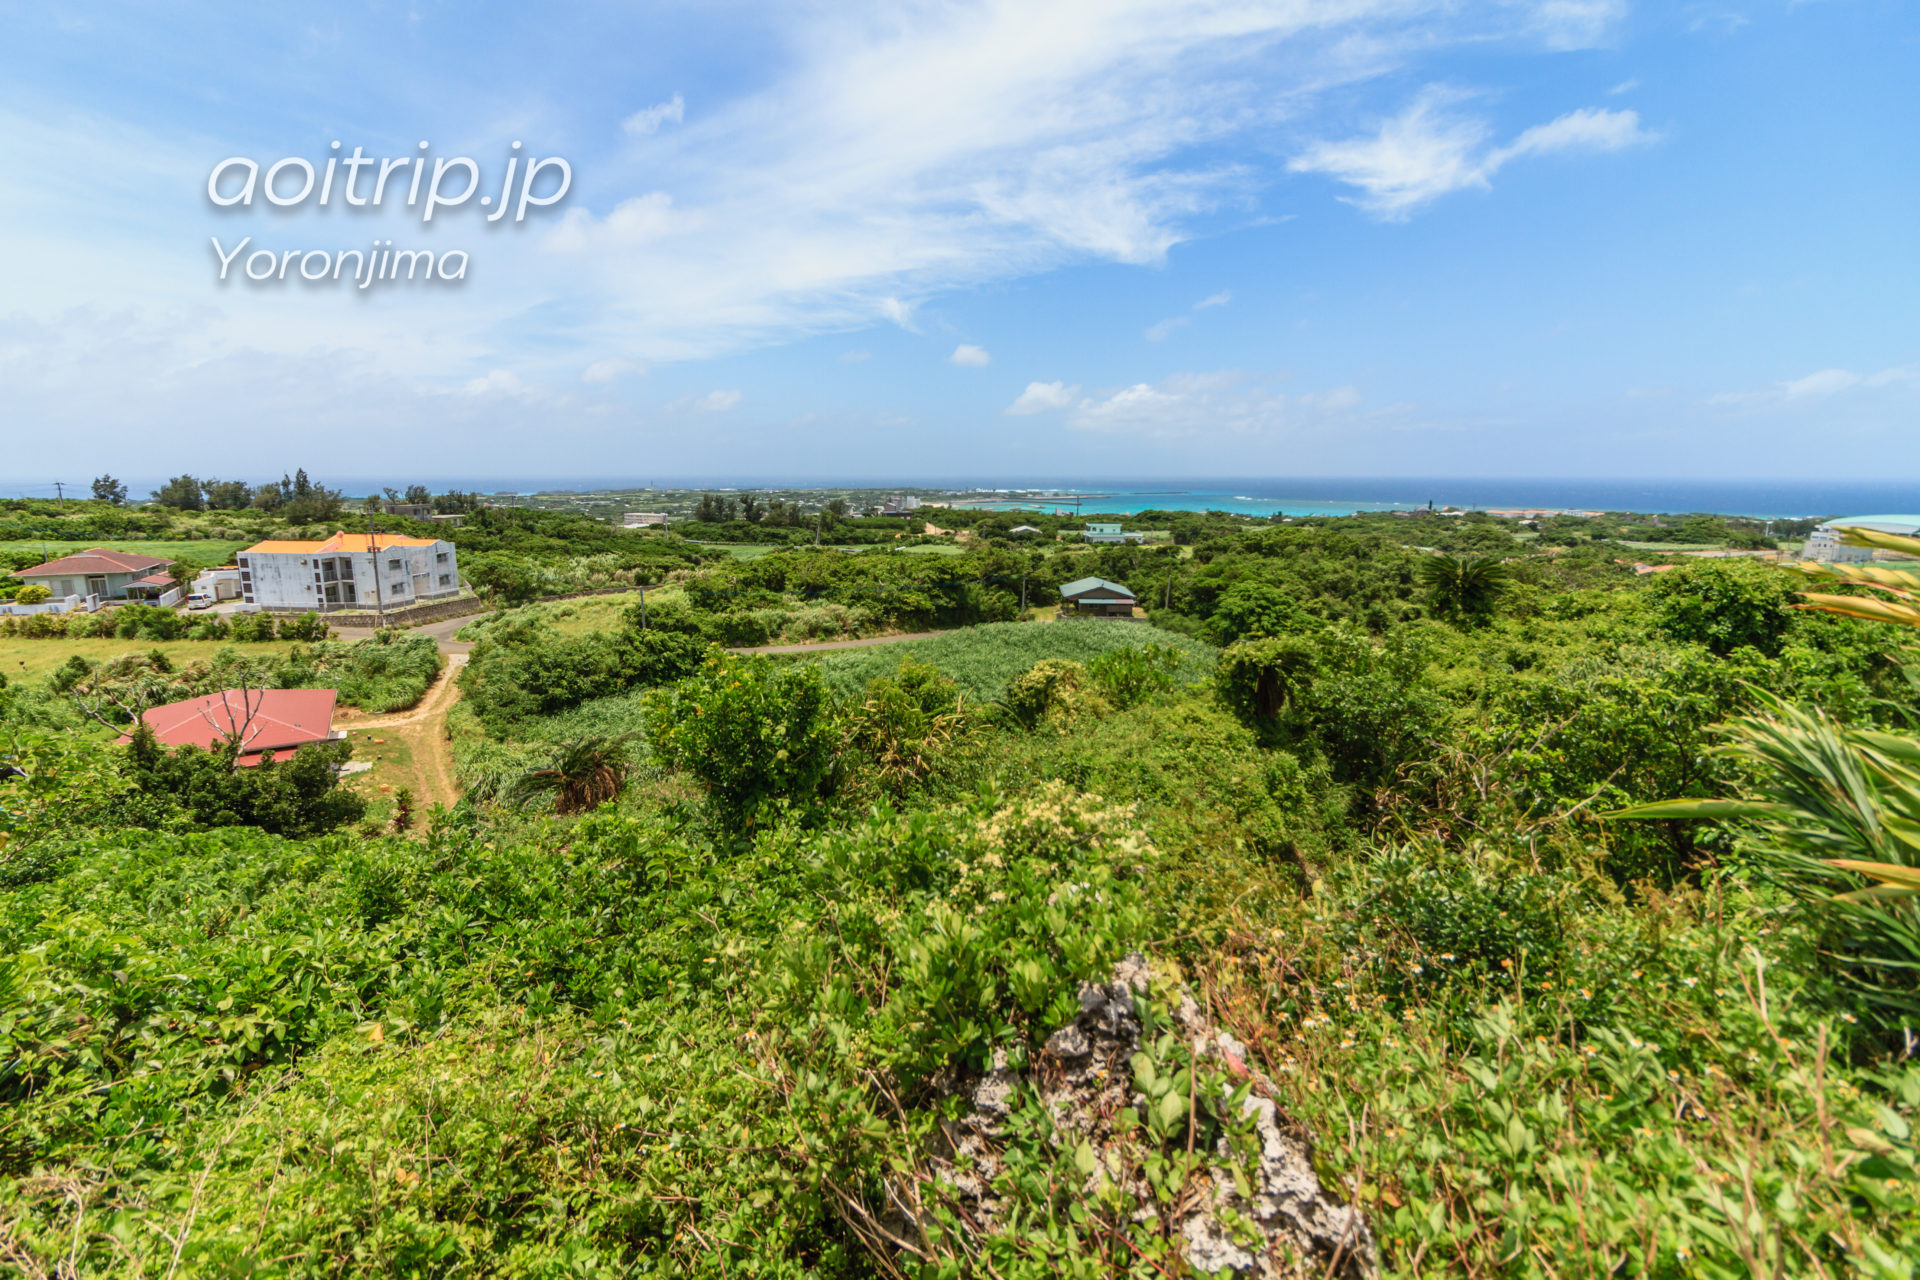 与論島 舵引き丘 西側の眺望